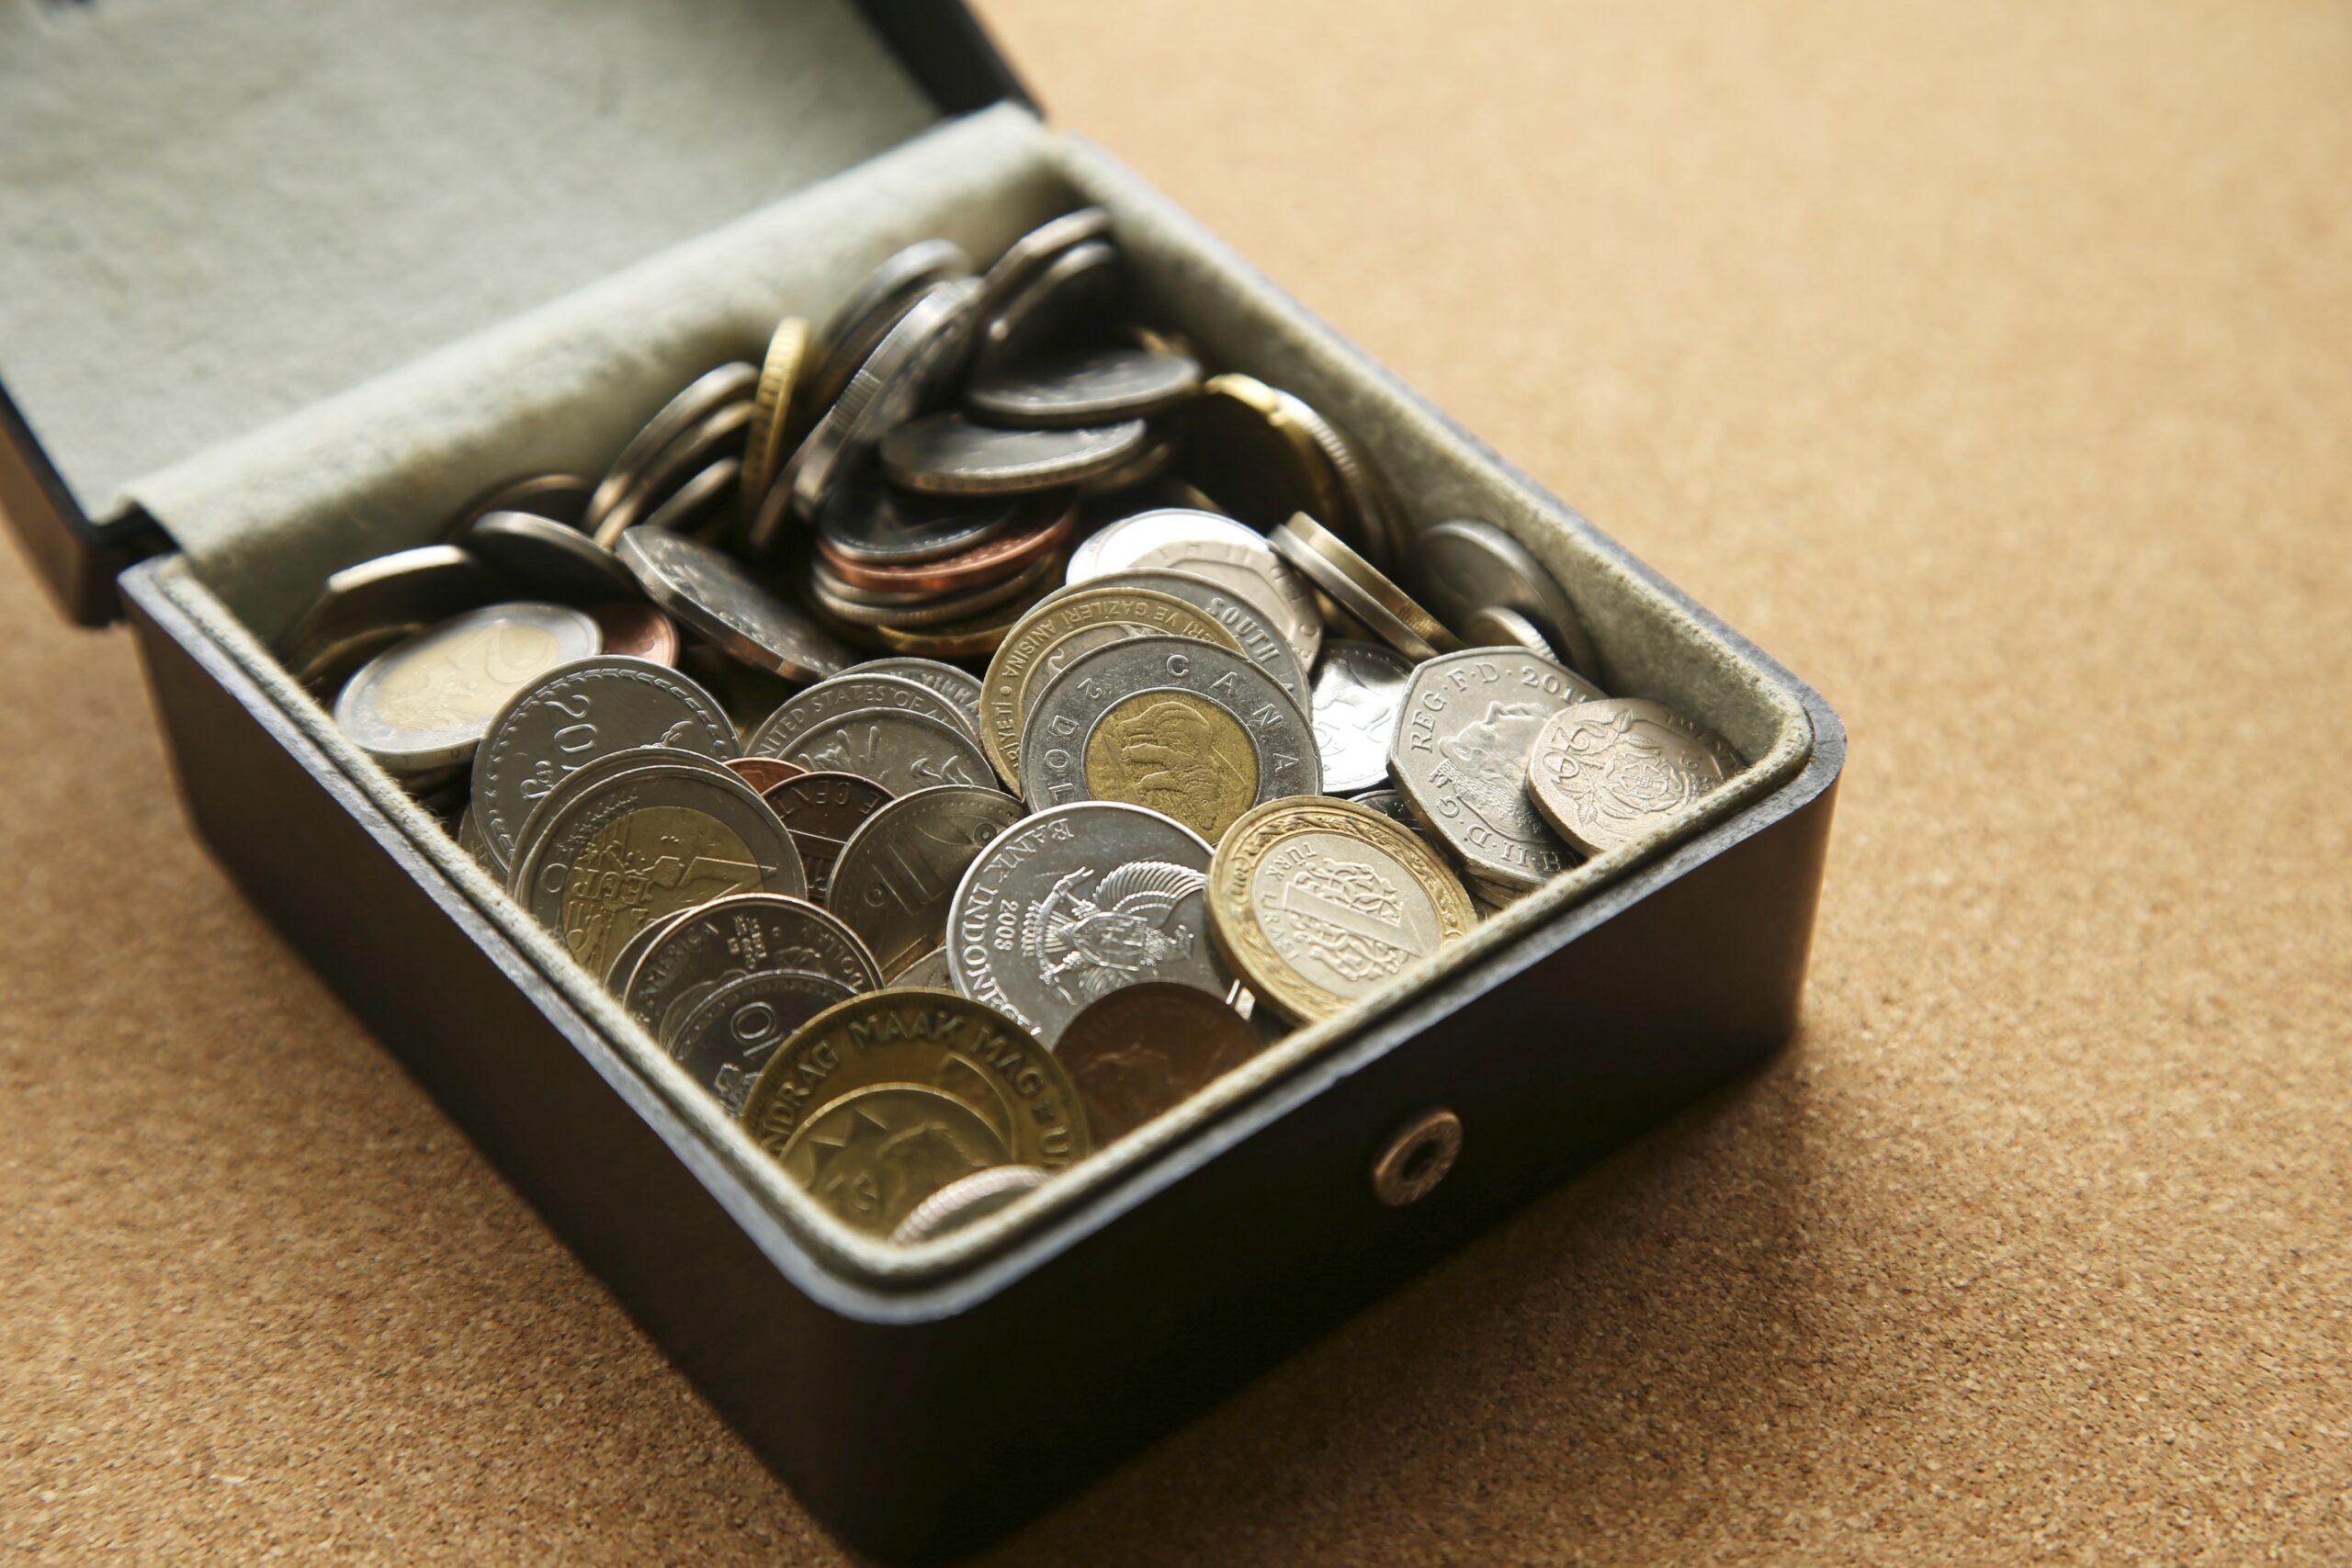 【知らないと損!】遺品整理で見つかる現金の8つの隠し場所とトラブル対策